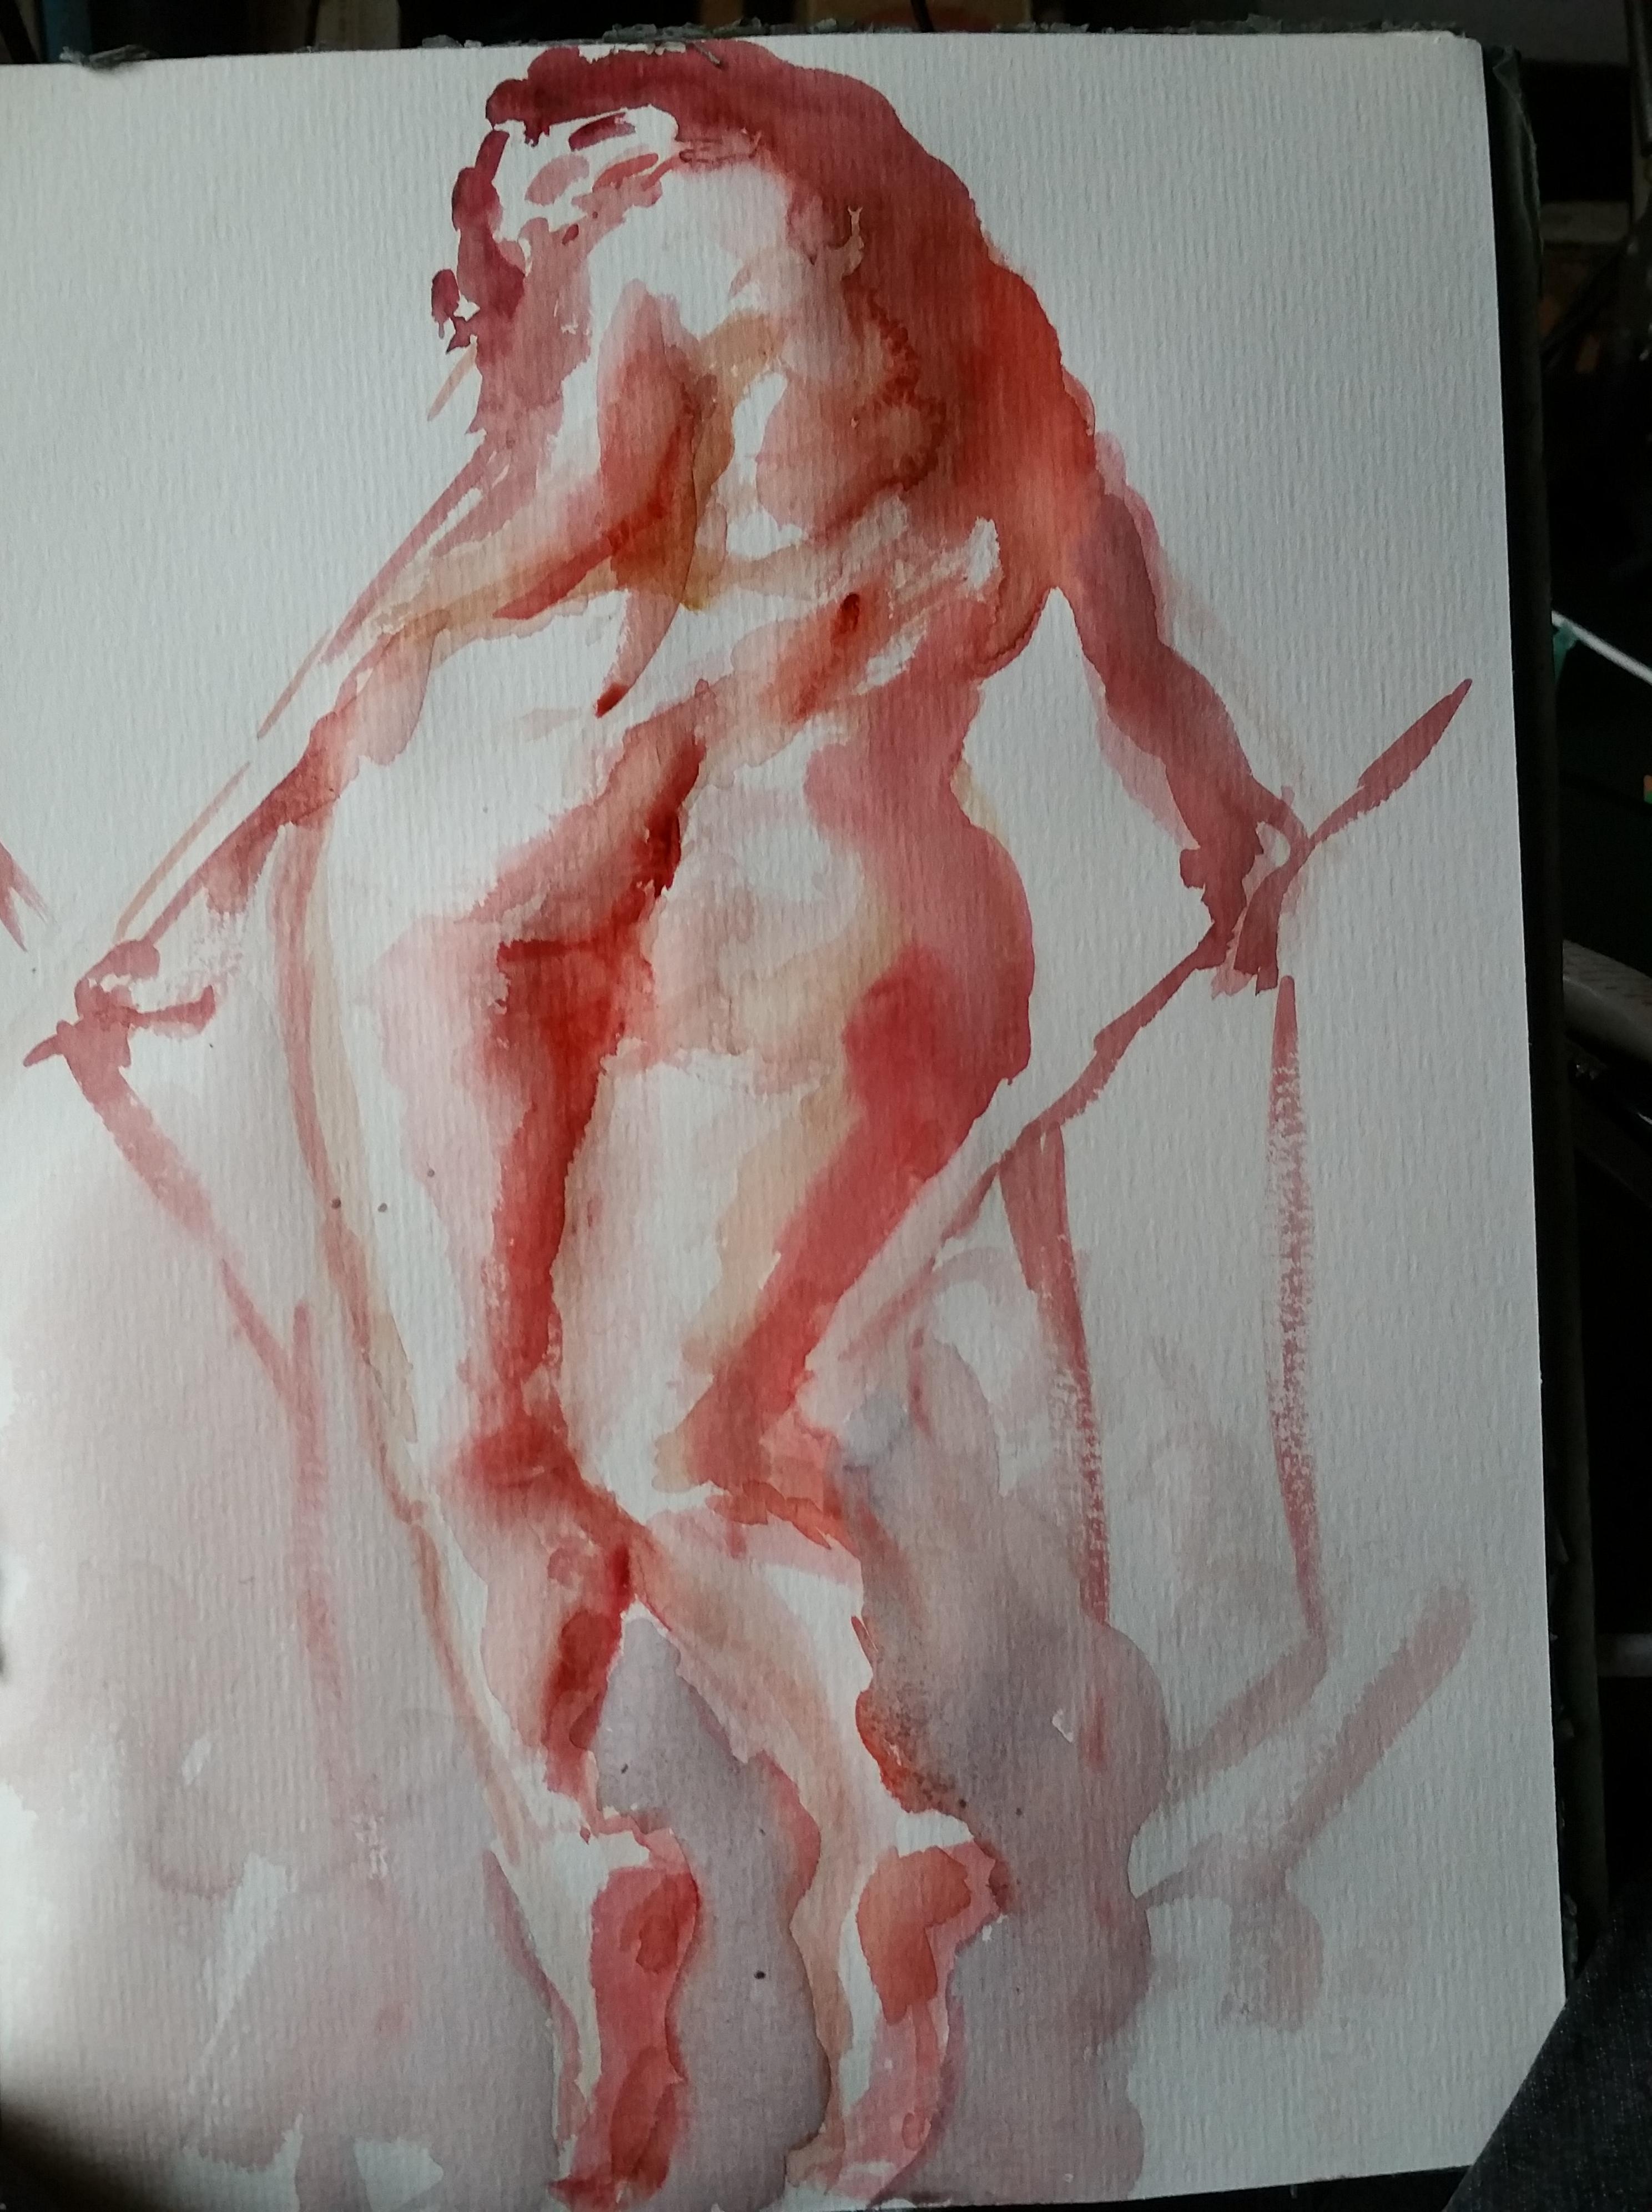 Femme montant escalier dos contre-plong�es aquarelle esquissent sur papier  cours de dessin